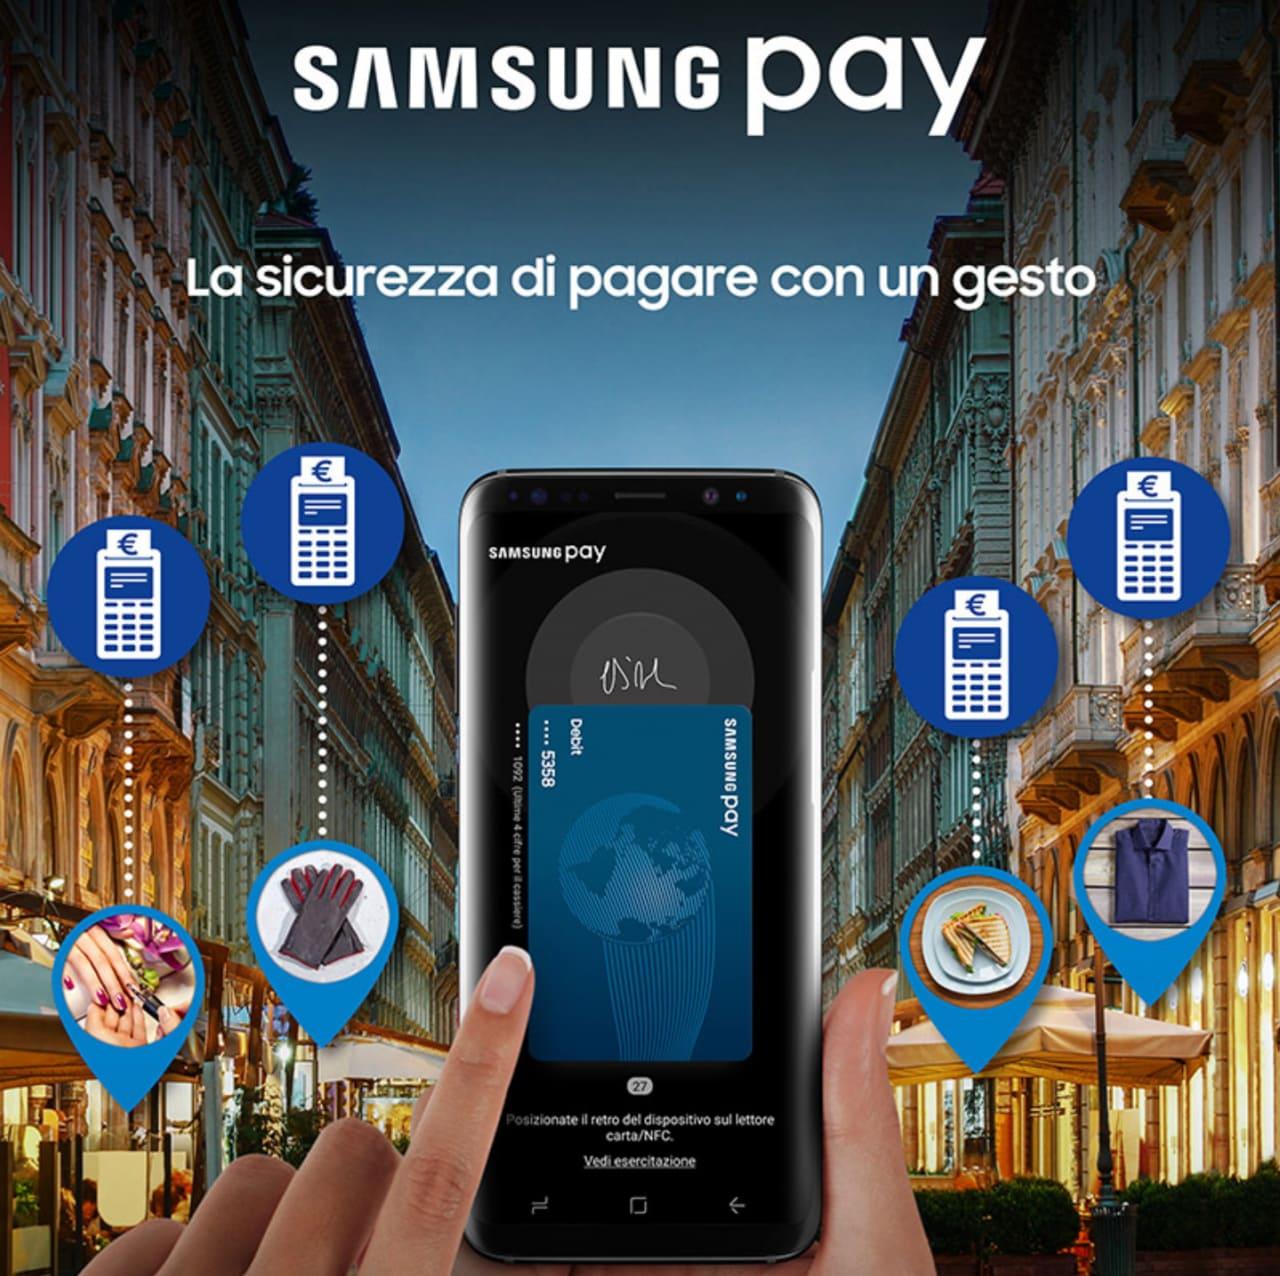 Samsung Pay si aggiorna con una novità per trasferire denaro da qualsiasi carta (foto)